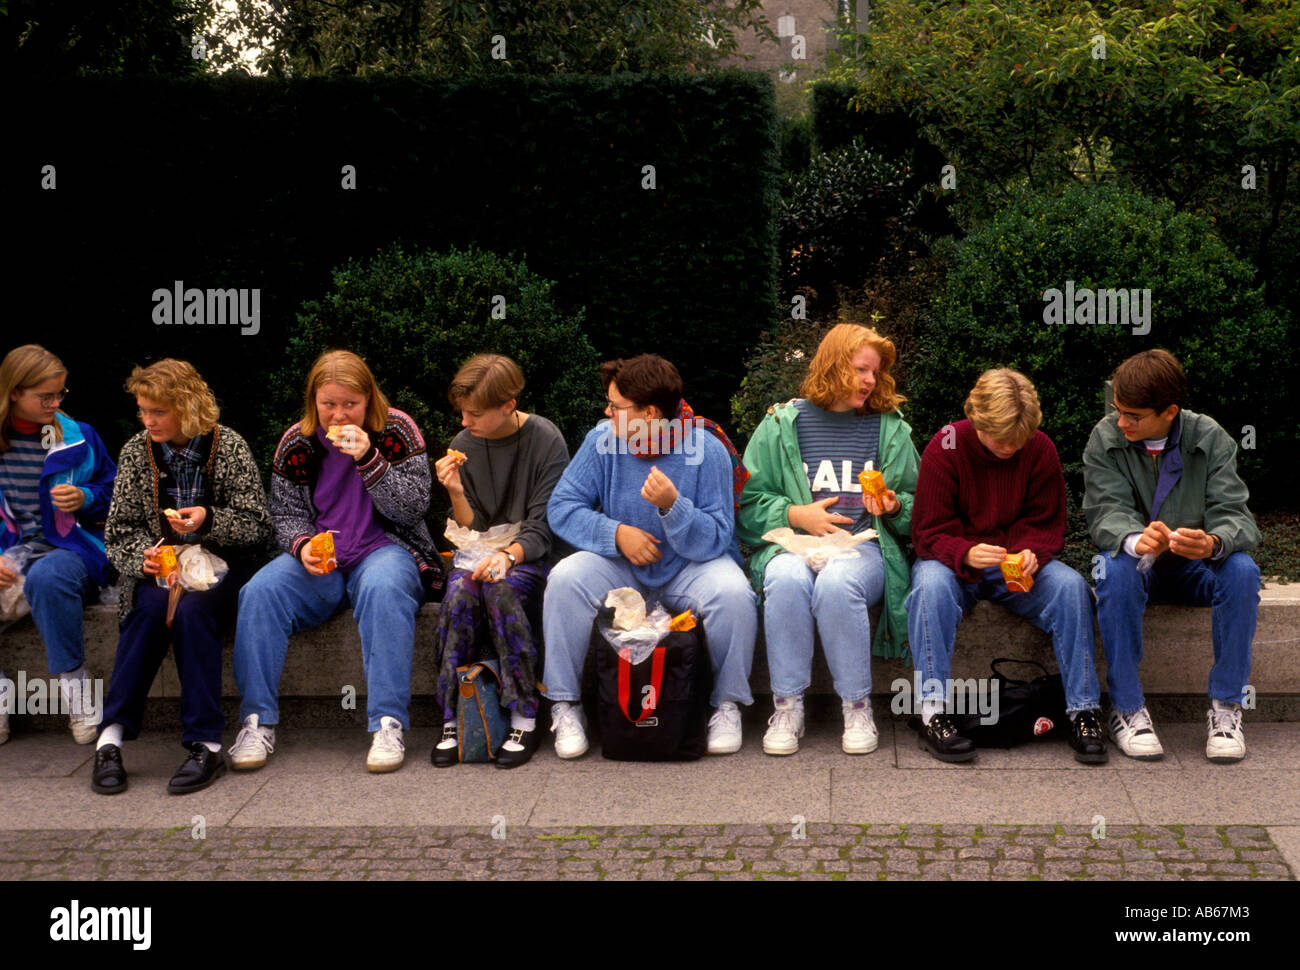 Students on a field trip Copenhagen Denmark Europe - Stock Image